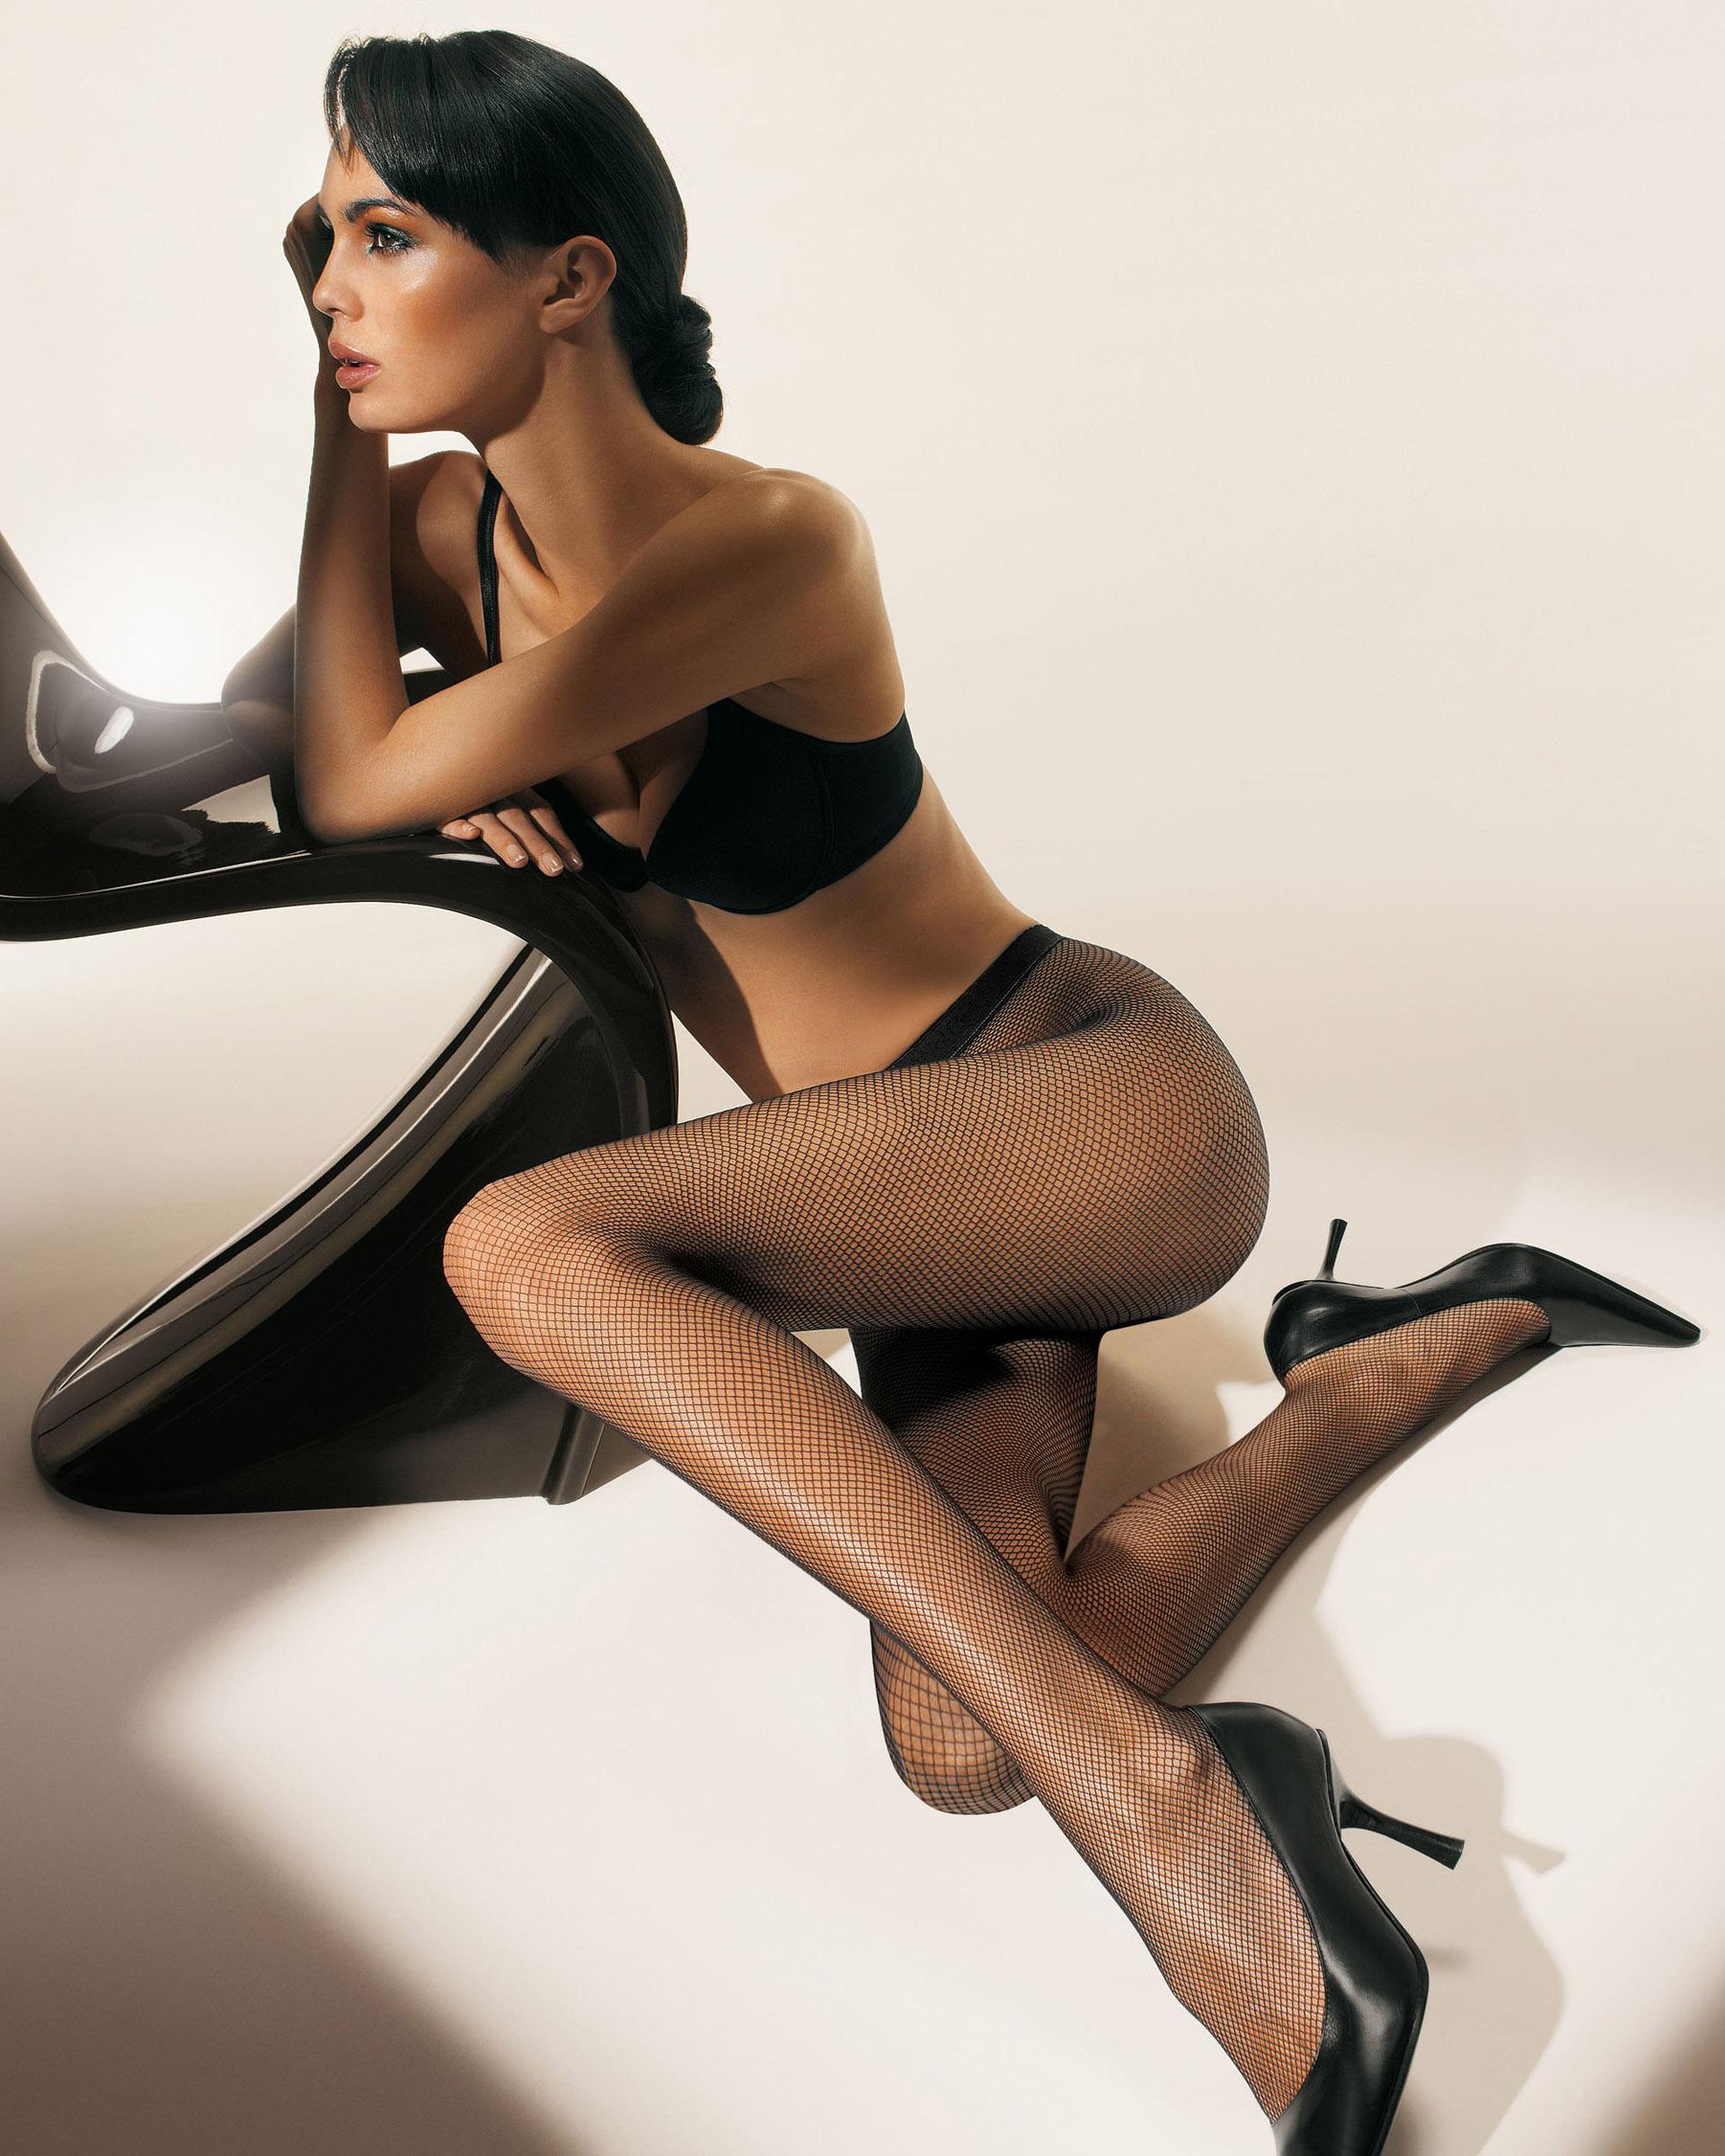 женское нижнее белье чулки колготки реклама фото и видеомоделями латиноамериканская сволочь эсперанса